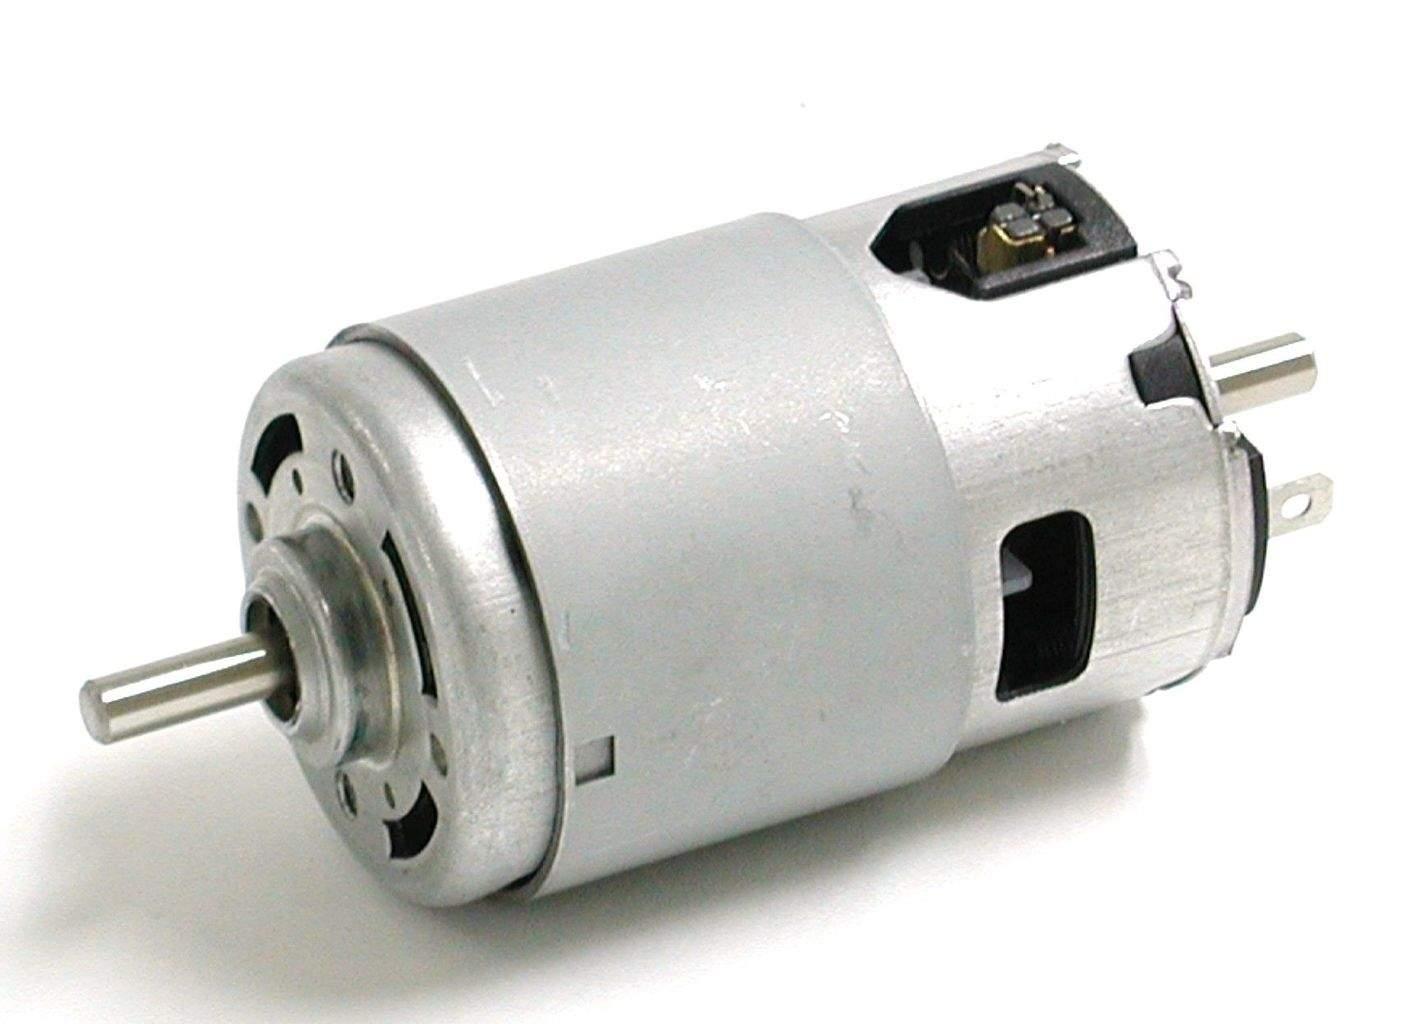 شبیه سازی موتور dc متلب سیمولینک